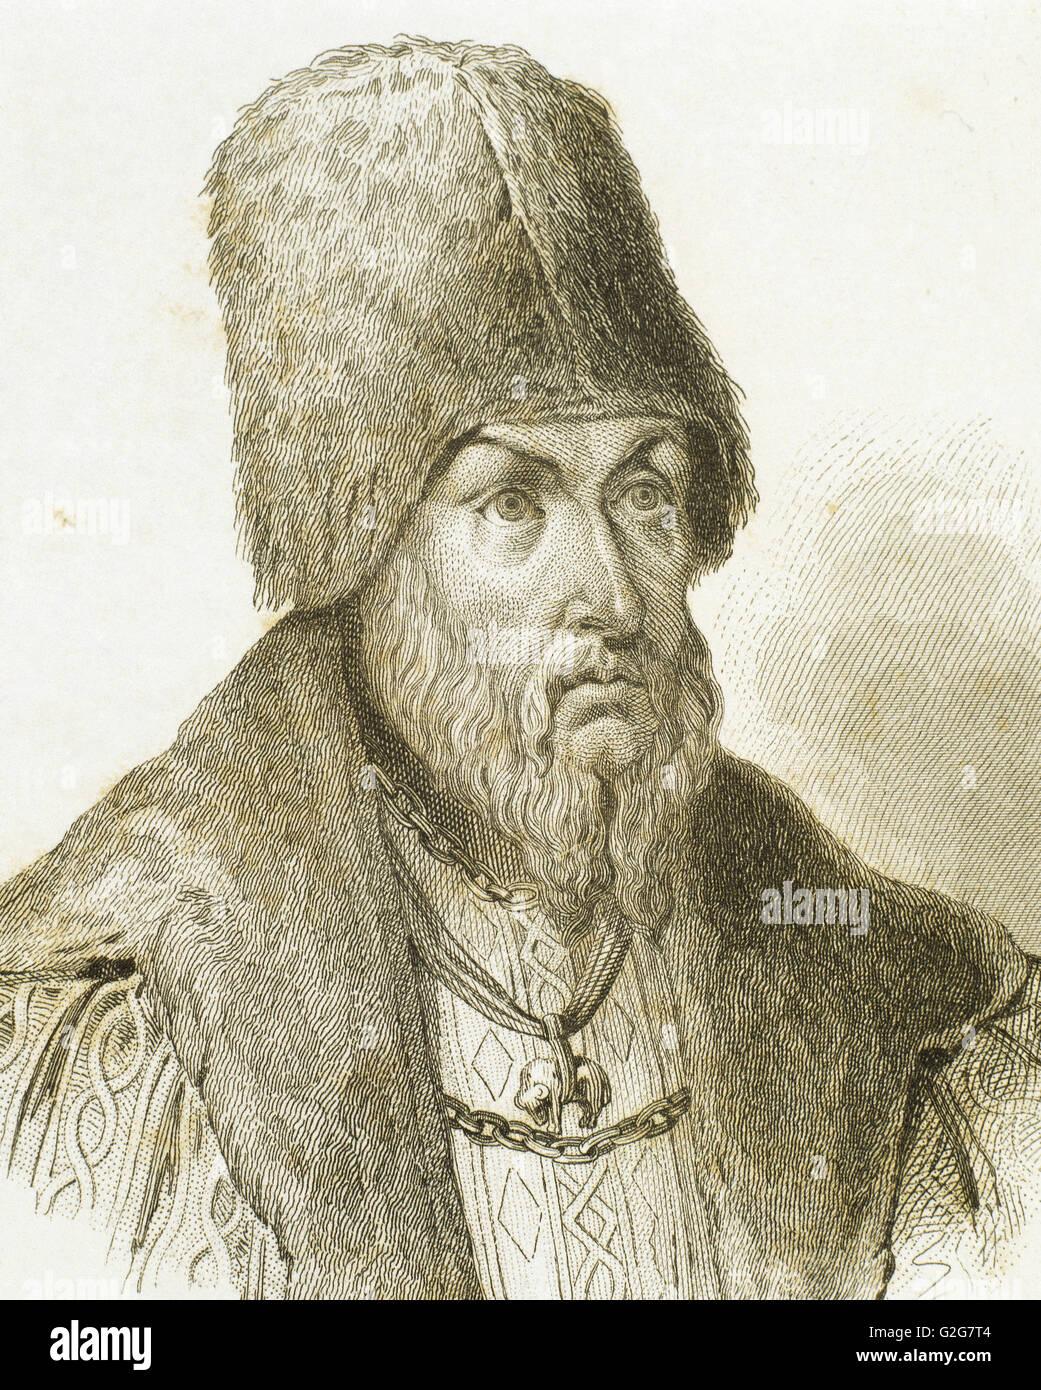 Sigismondo I il Vecchio (1467-1548). Re di Polonia e granduca di Lituania. Ritratto. Incisione del XIX secolo. Foto Stock